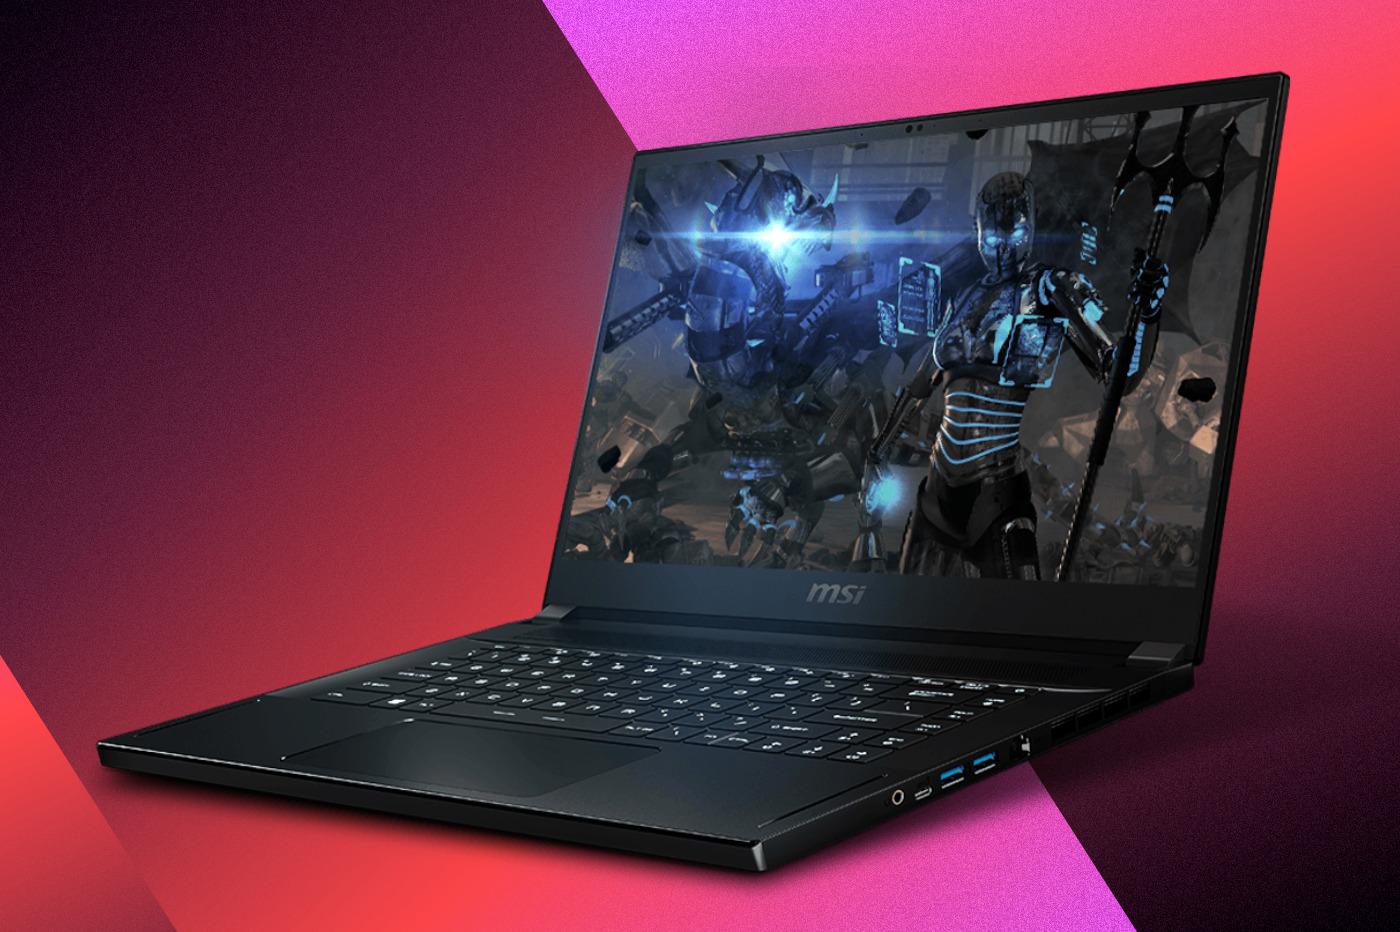 Nvidia GeForce RTX 3080, Max-Q, Dymanic Boost, Whisper Mode : notre test du GPU mobile le plus puissant du moment